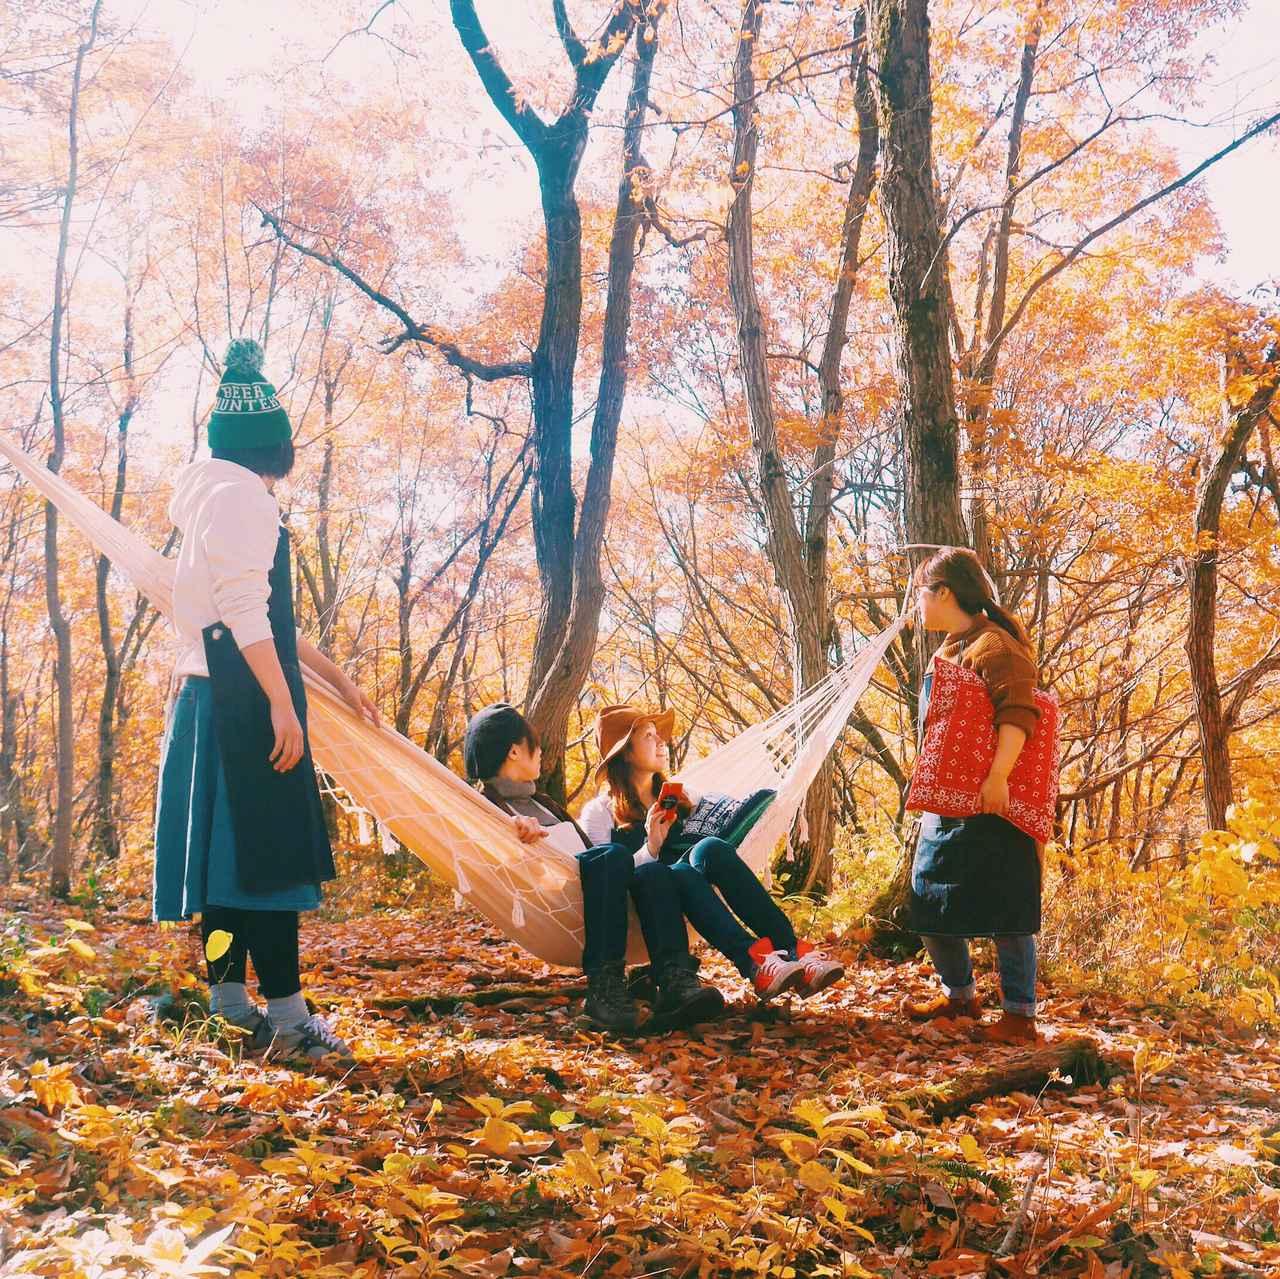 画像: 【山梨・長野】秋におすすめのキャンプ場5選 キャンプしながら紅葉を楽しむならココ!